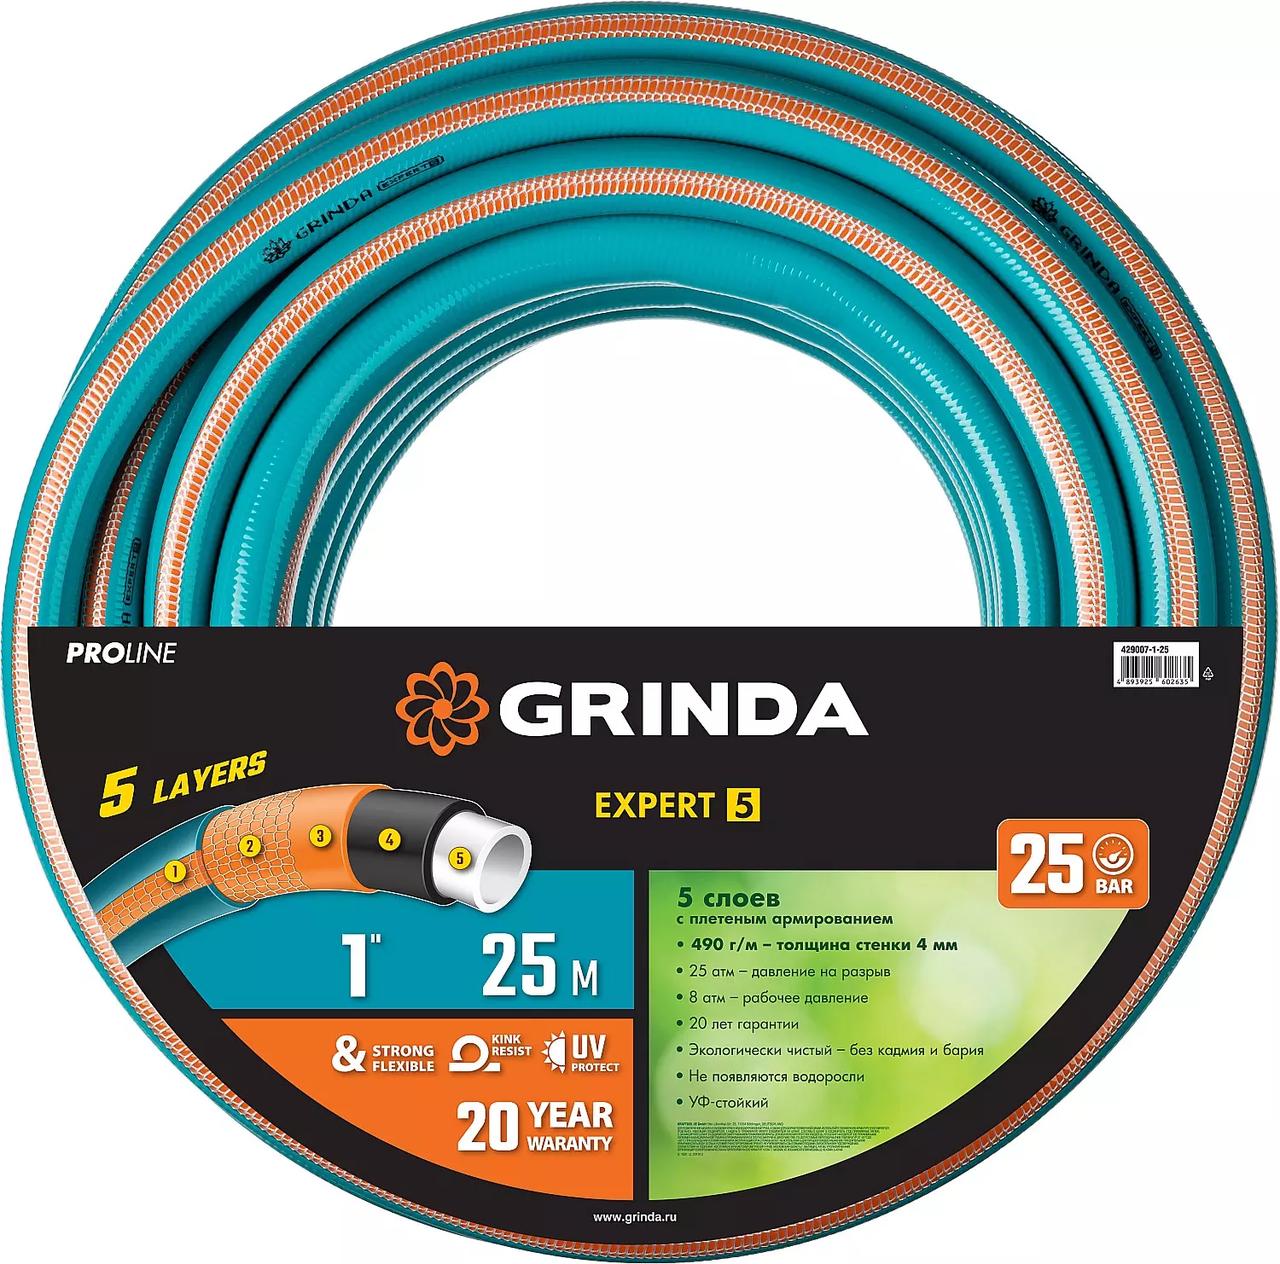 """Шланг поливочный GRINDA 1"""", 25 м, 25 атм., пятислойный, армированный, PREMIUM,  PRO Line (429007-1-25)"""